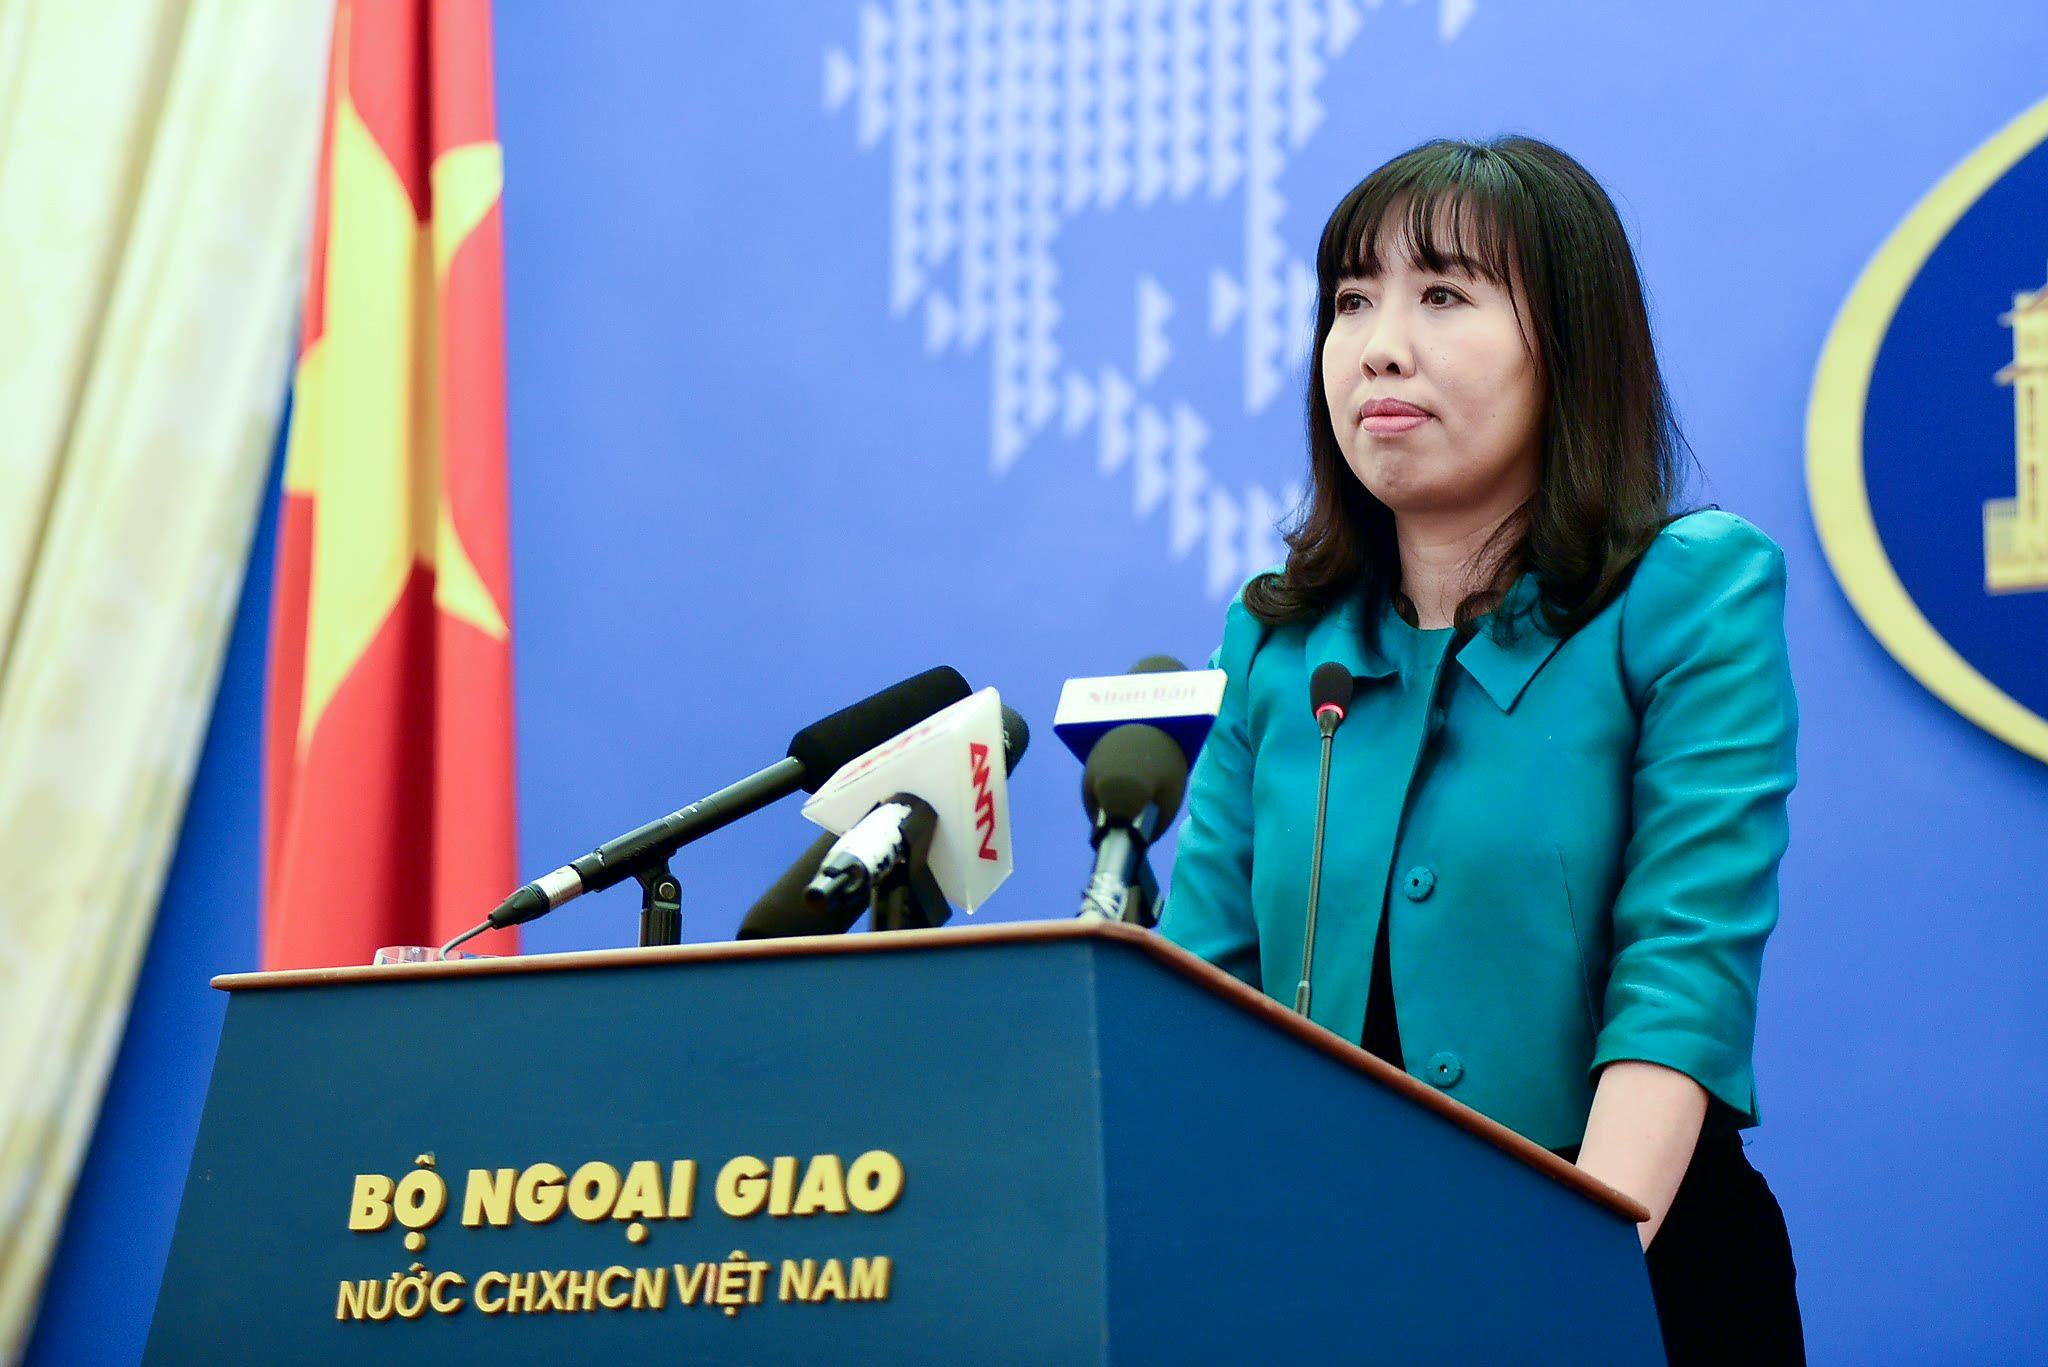 Phản đối Trung Quốc diễn tập bắn đạn thật tại quần đảo Hoàng Sa của Việt Nam